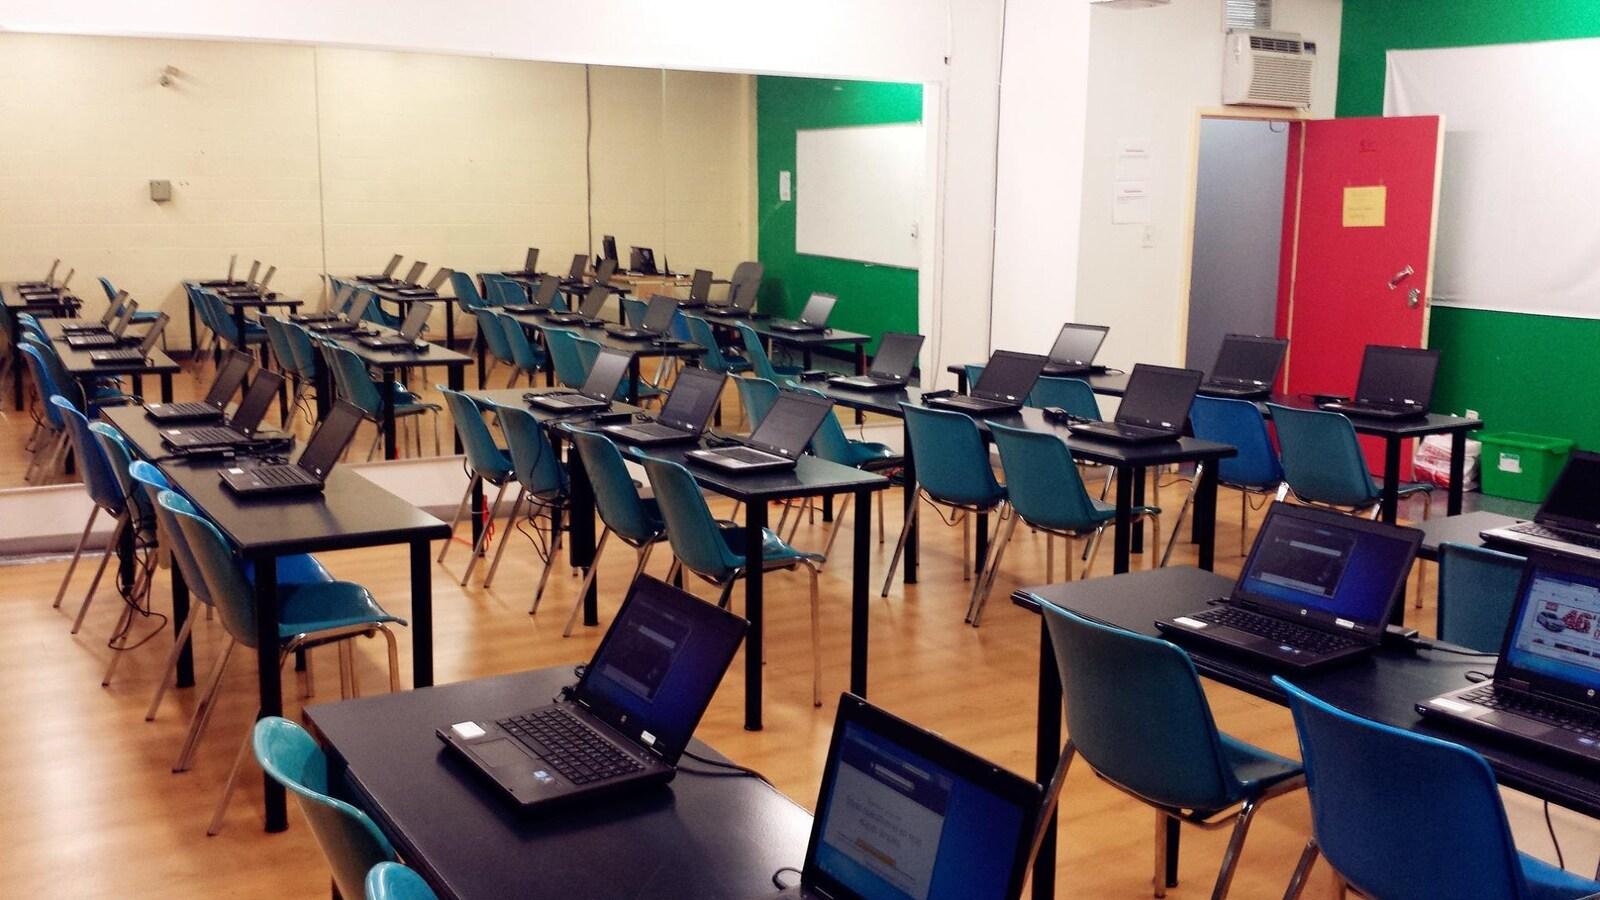 Un local de cours de l'Institut MATCI, rue Sainte-Catherine Ouest, à Montréal.